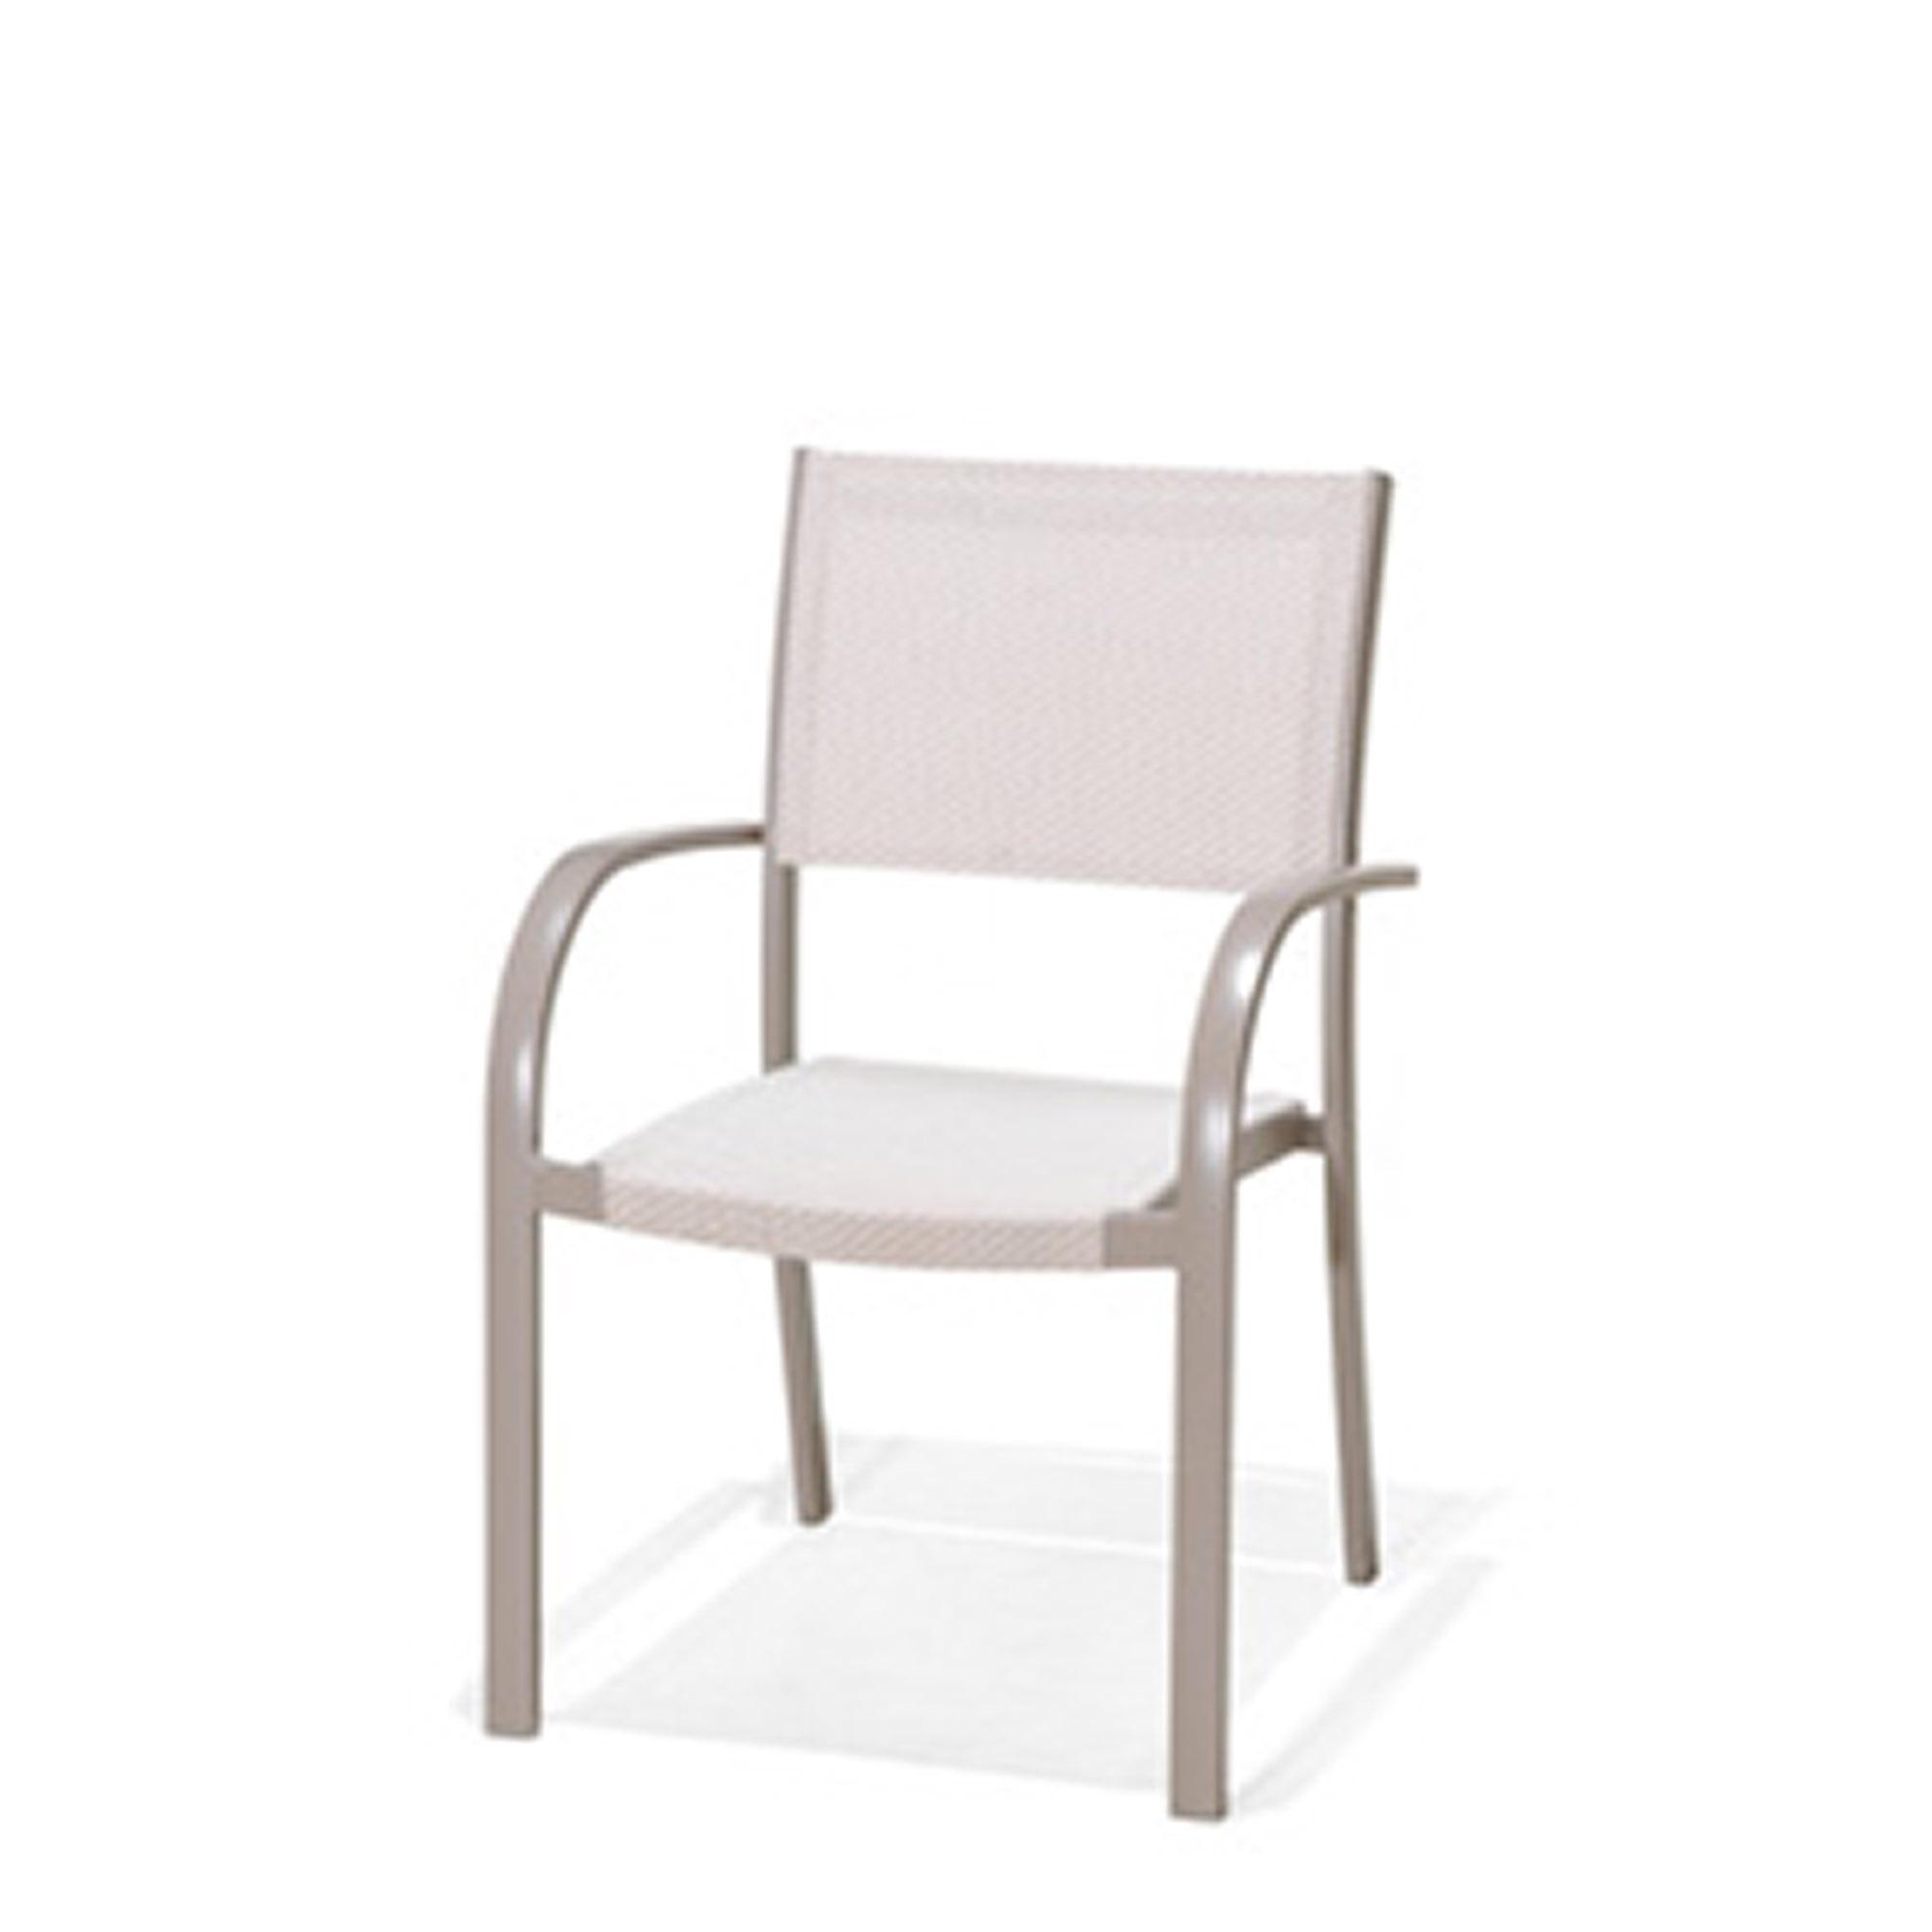 Bộ bàn ghế ngoài trời Morella 8 seater set 3/3